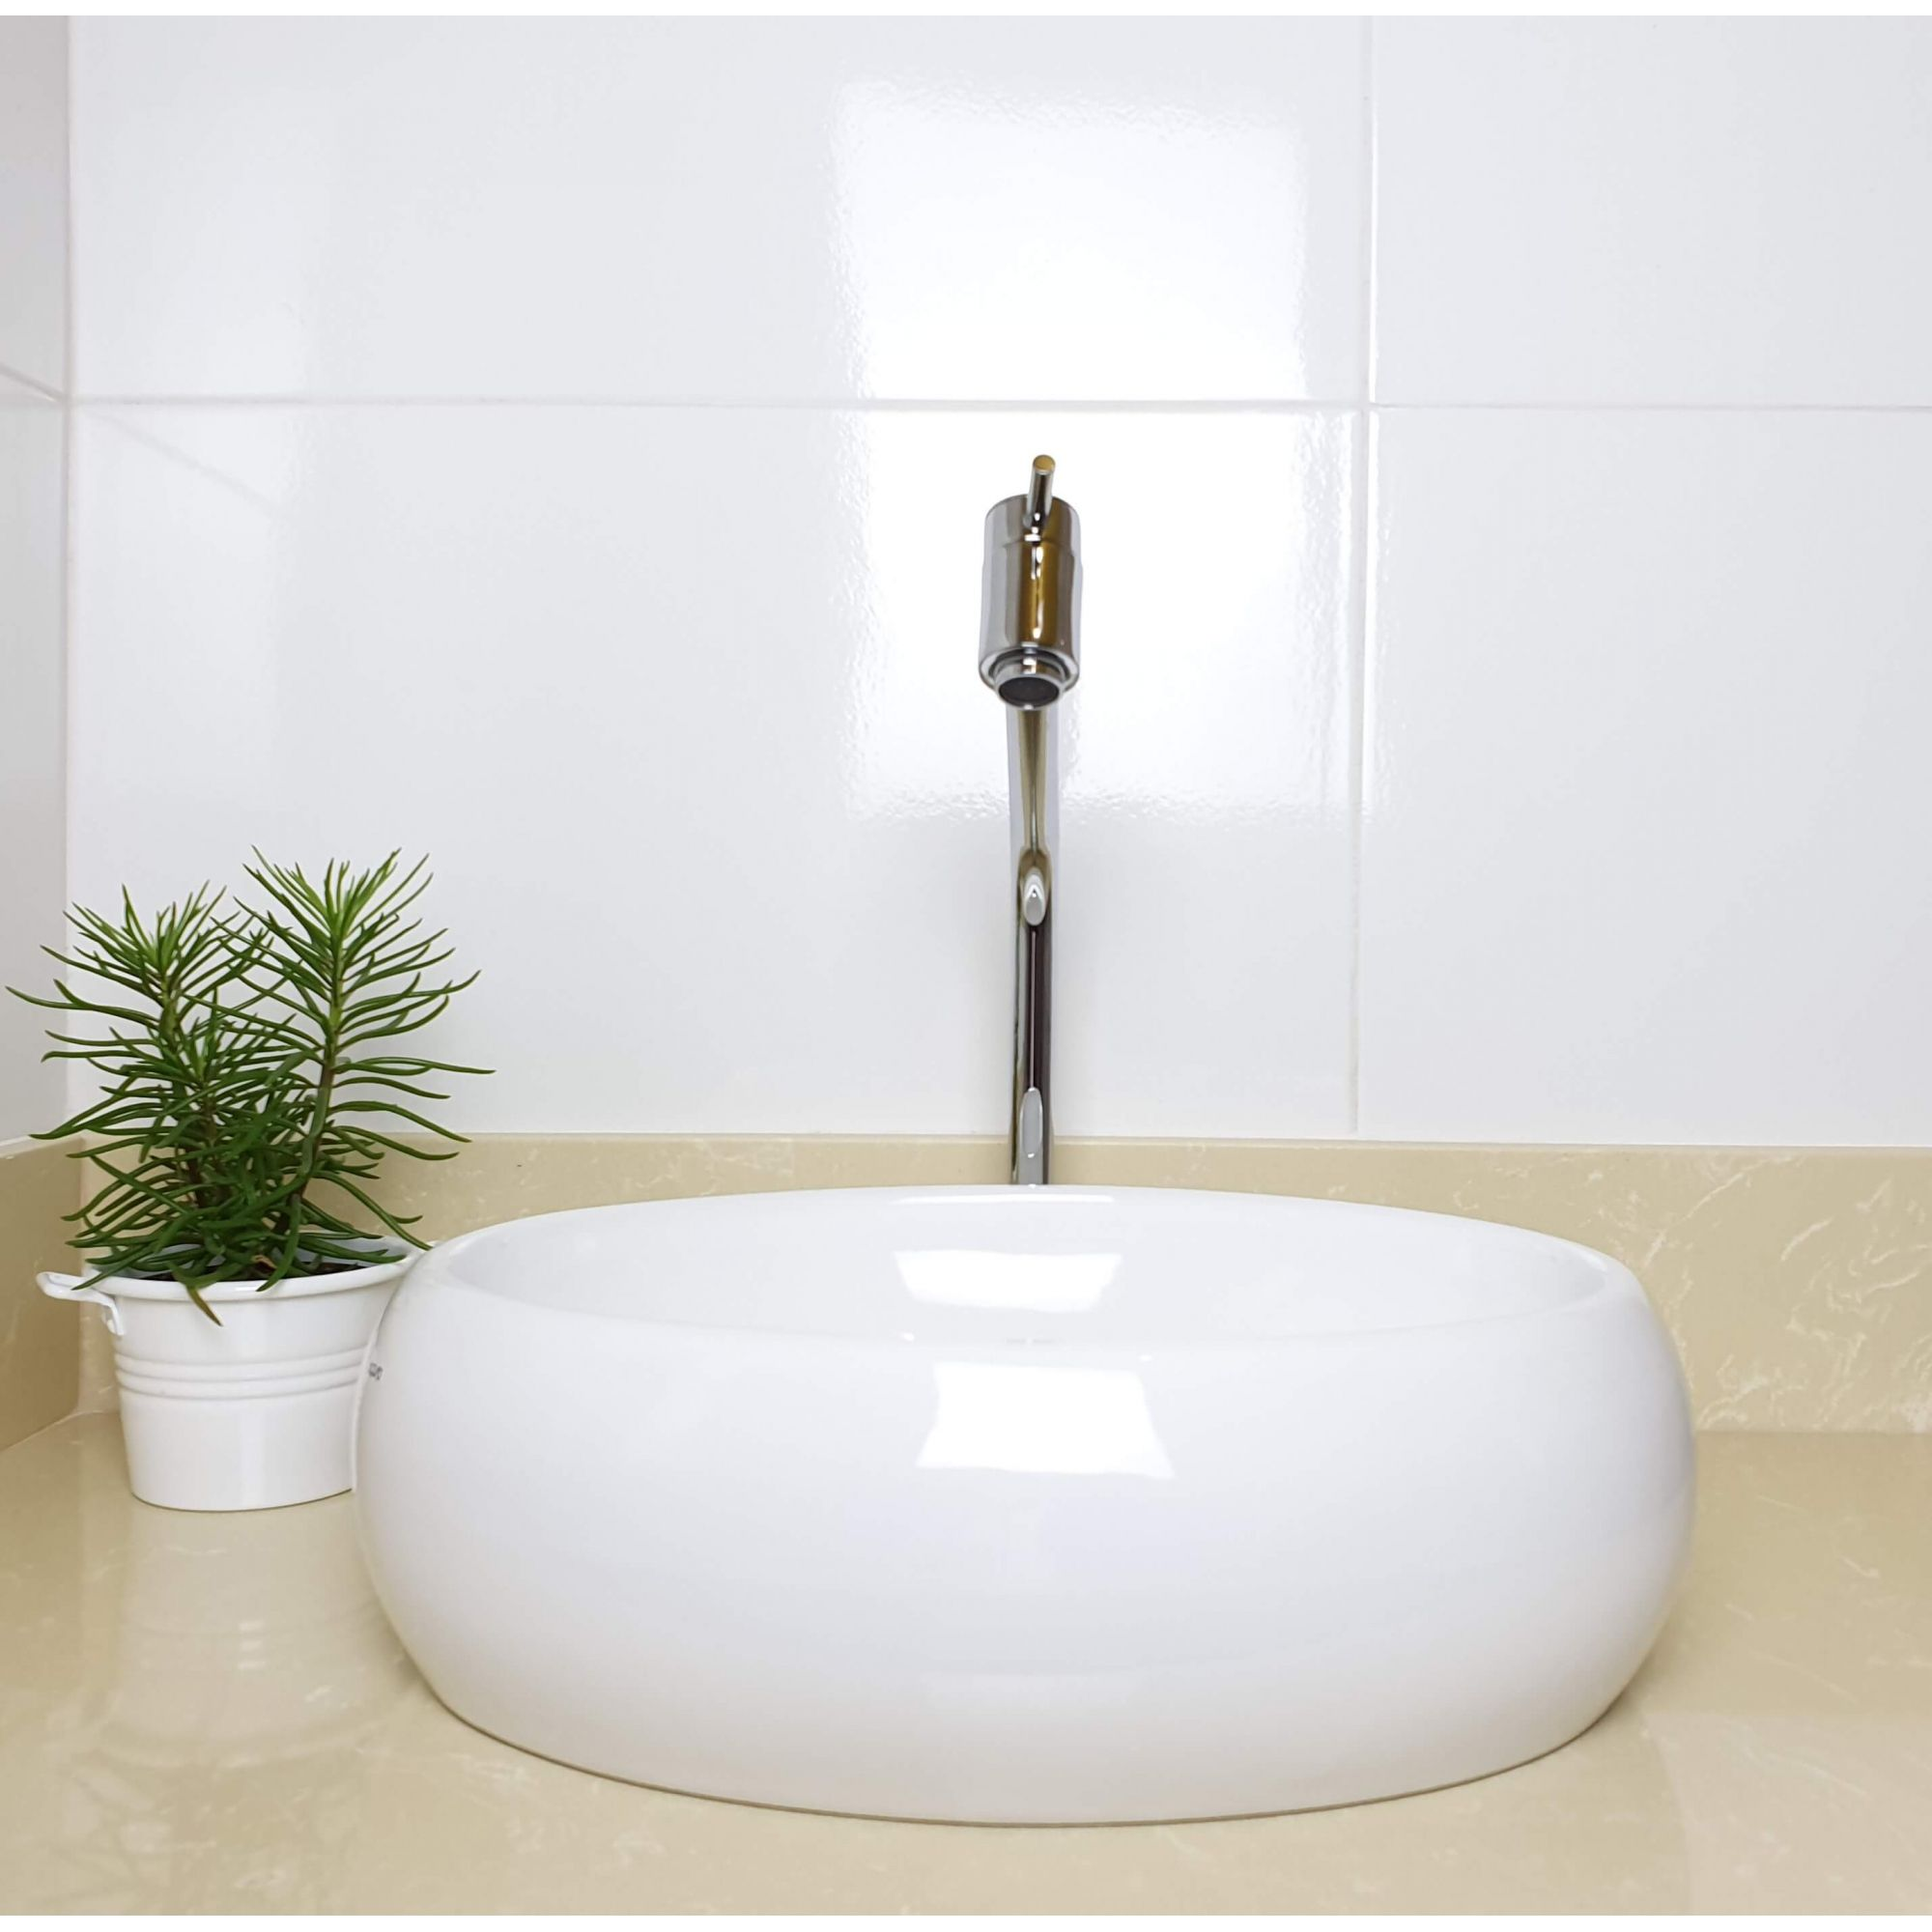 Cuba Banheiro Apoio Oval 40x30cm com Torneira Bica Baixa,  Válvula Click  Sifão e Flexível  - DOTEC SHOP